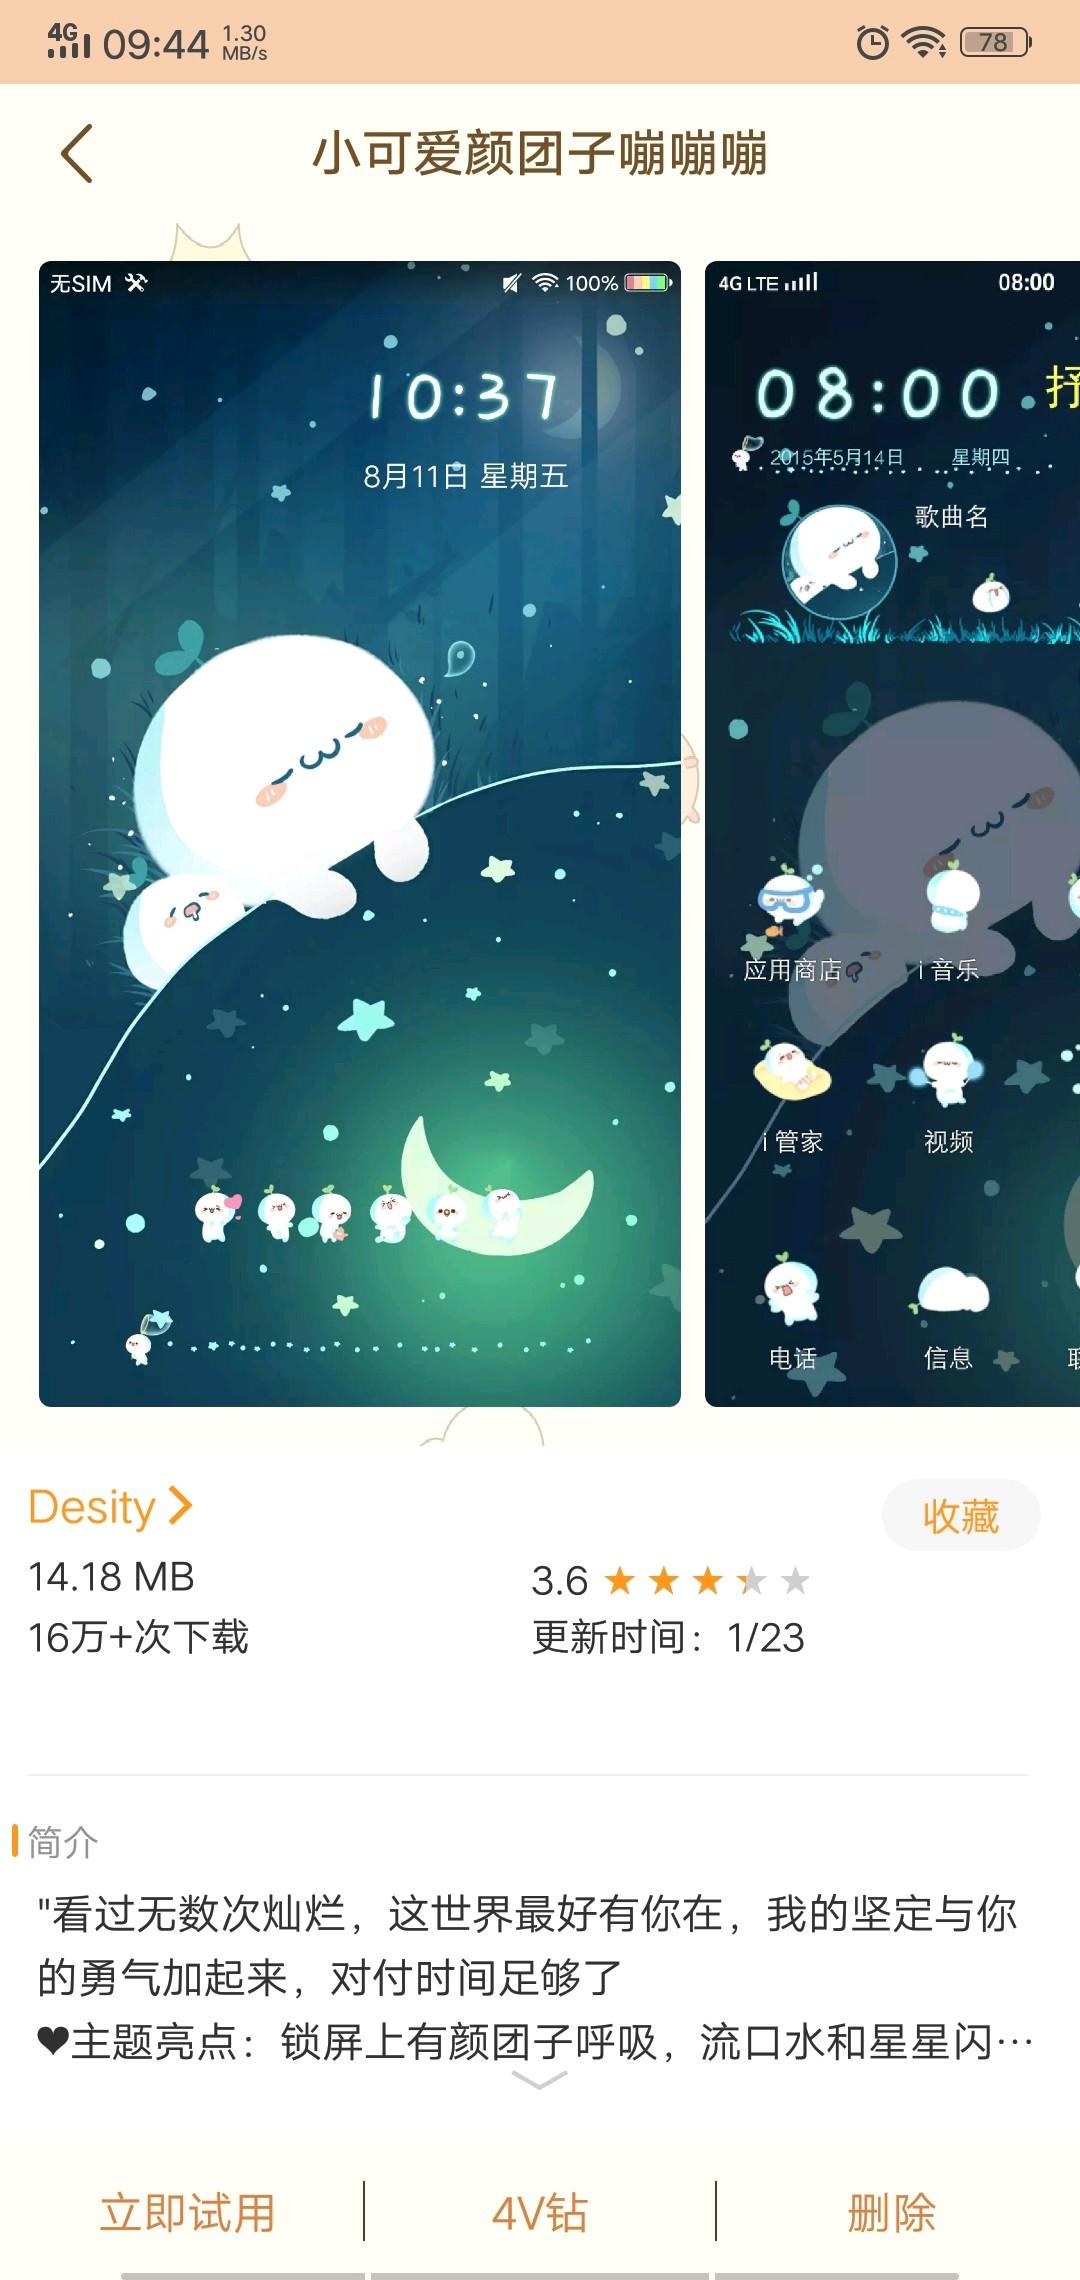 Screenshot_20181201_094422.jpg